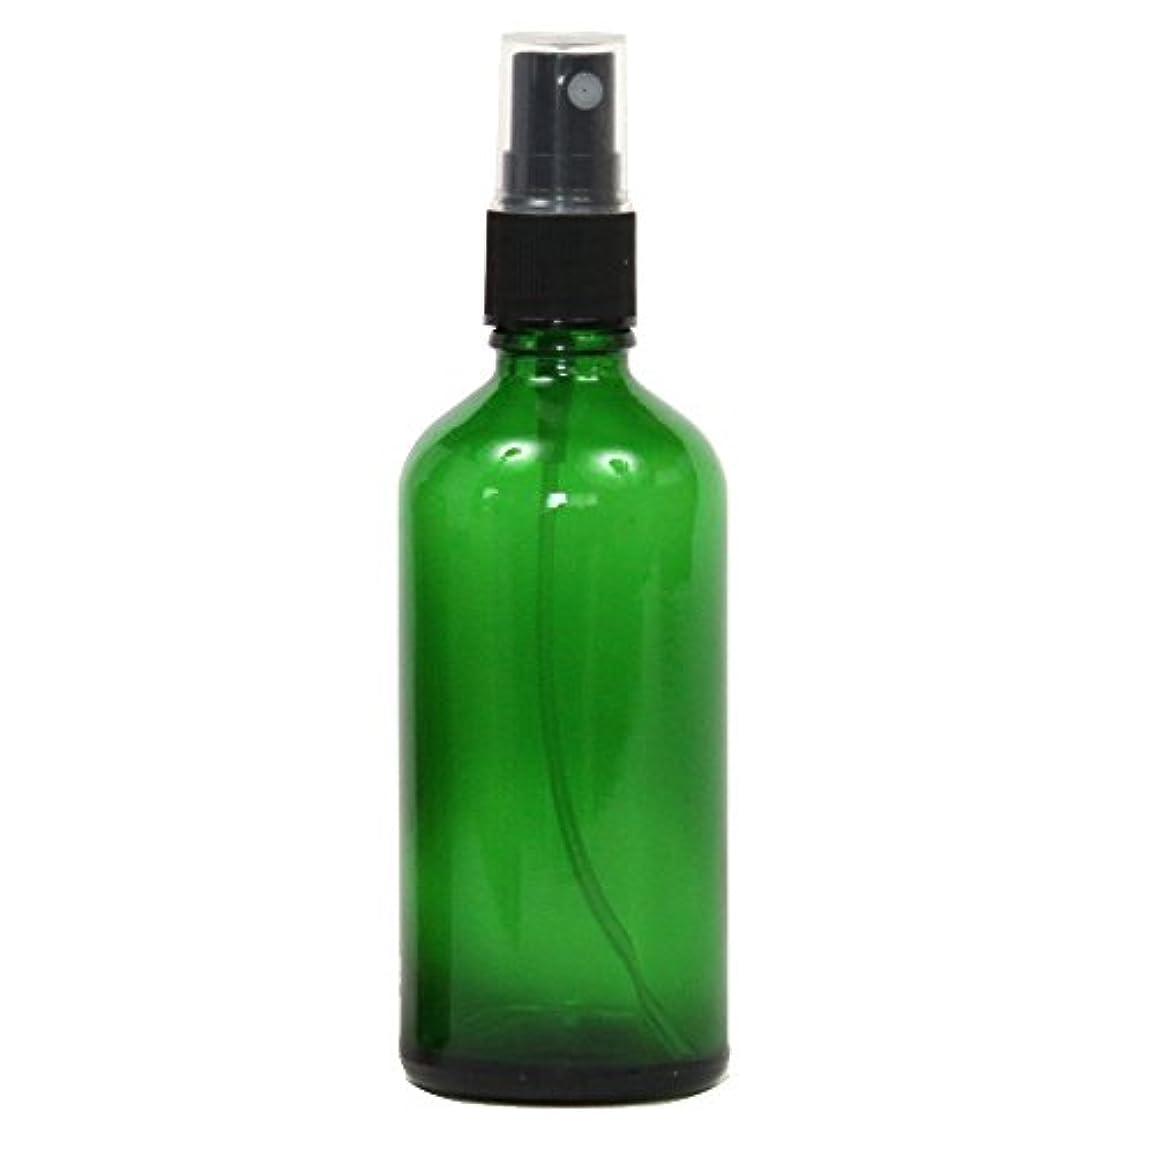 追い越す突然ソートスプレーボトル ガラス瓶 100mL 【グリーン 緑色】 遮光性 ガラスアトマイザー 空容器gr100g